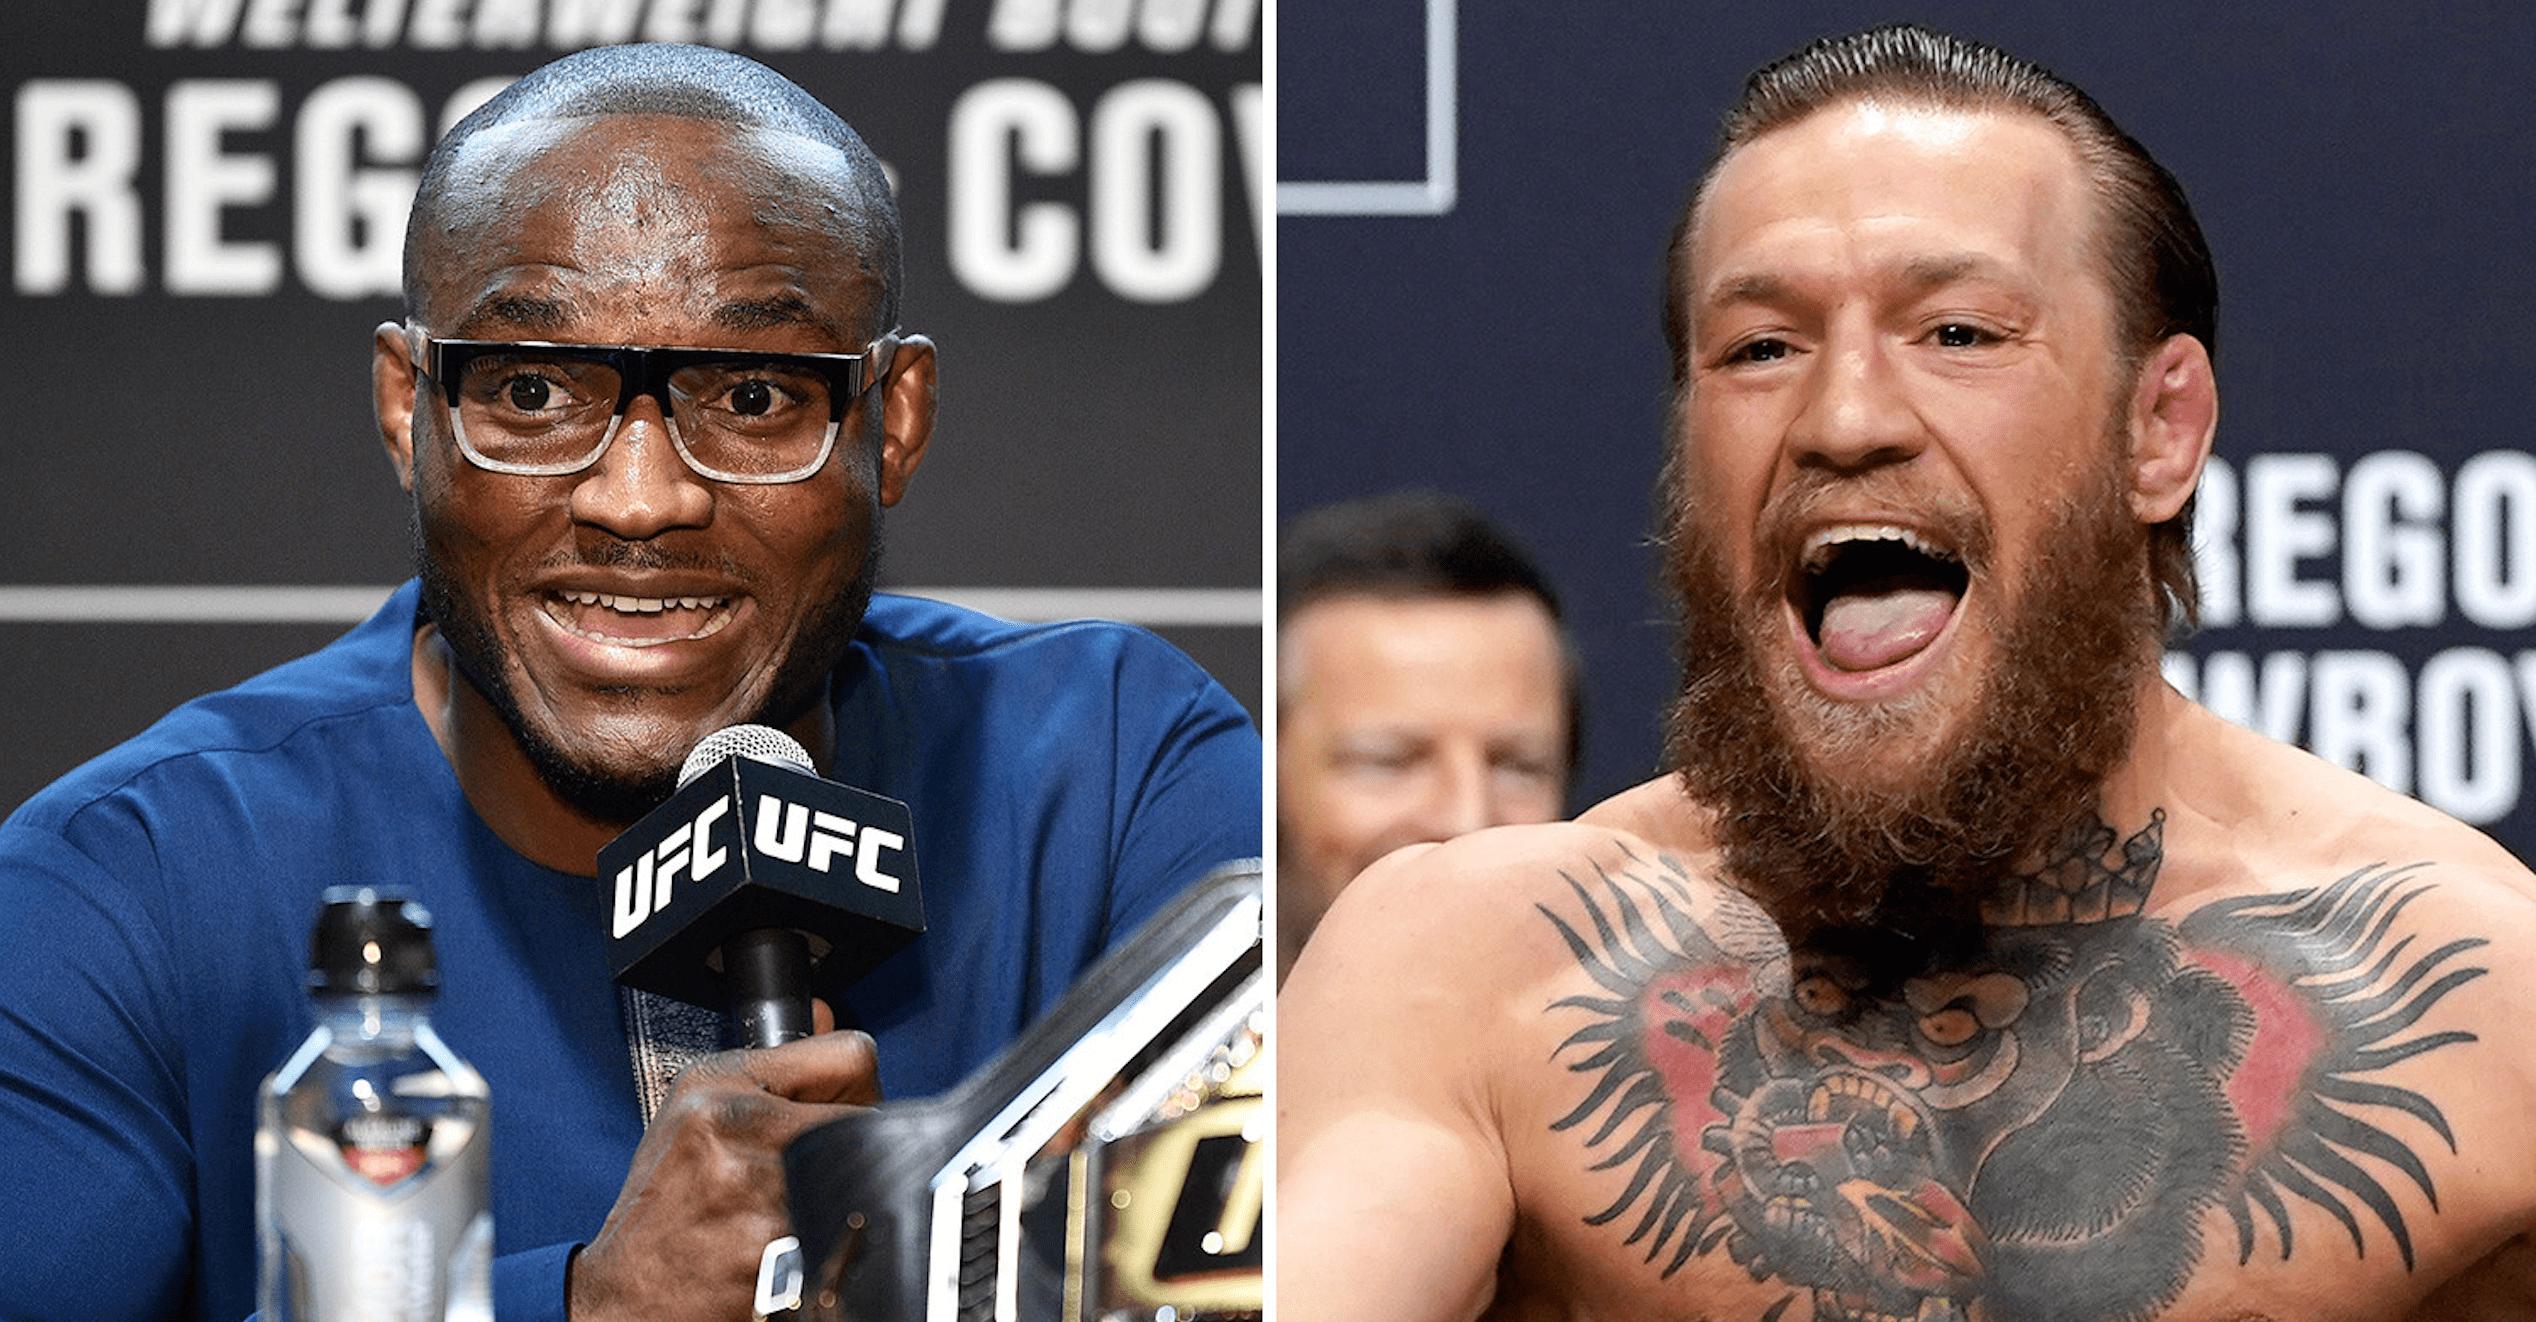 UFC Kamaru Usman and Conor McGregor